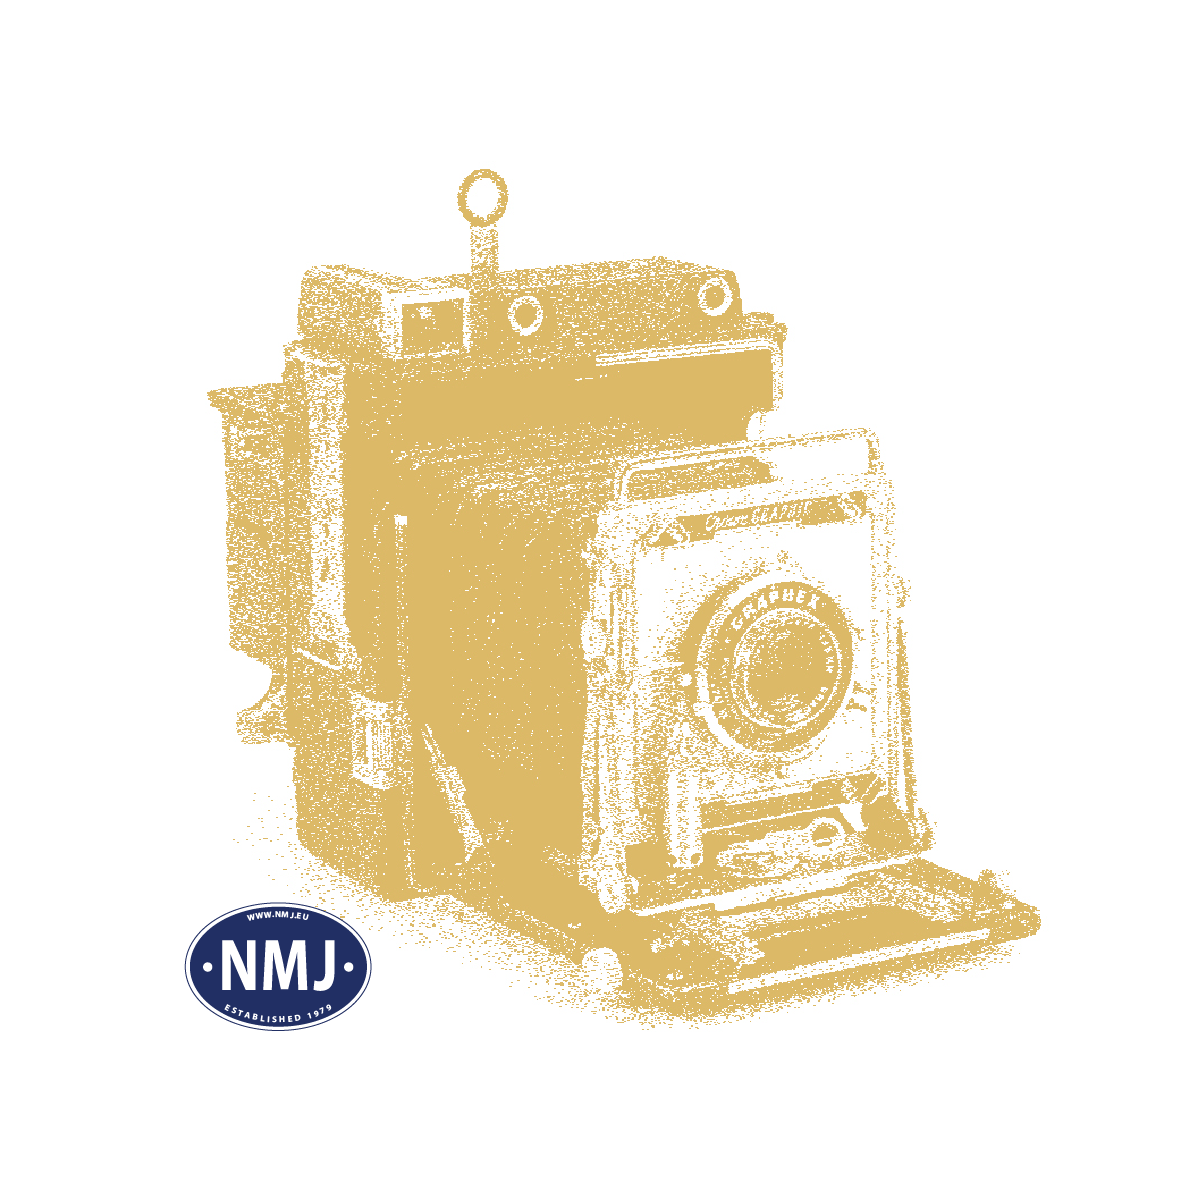 TAM87185 - Fine Lapping Film 4000